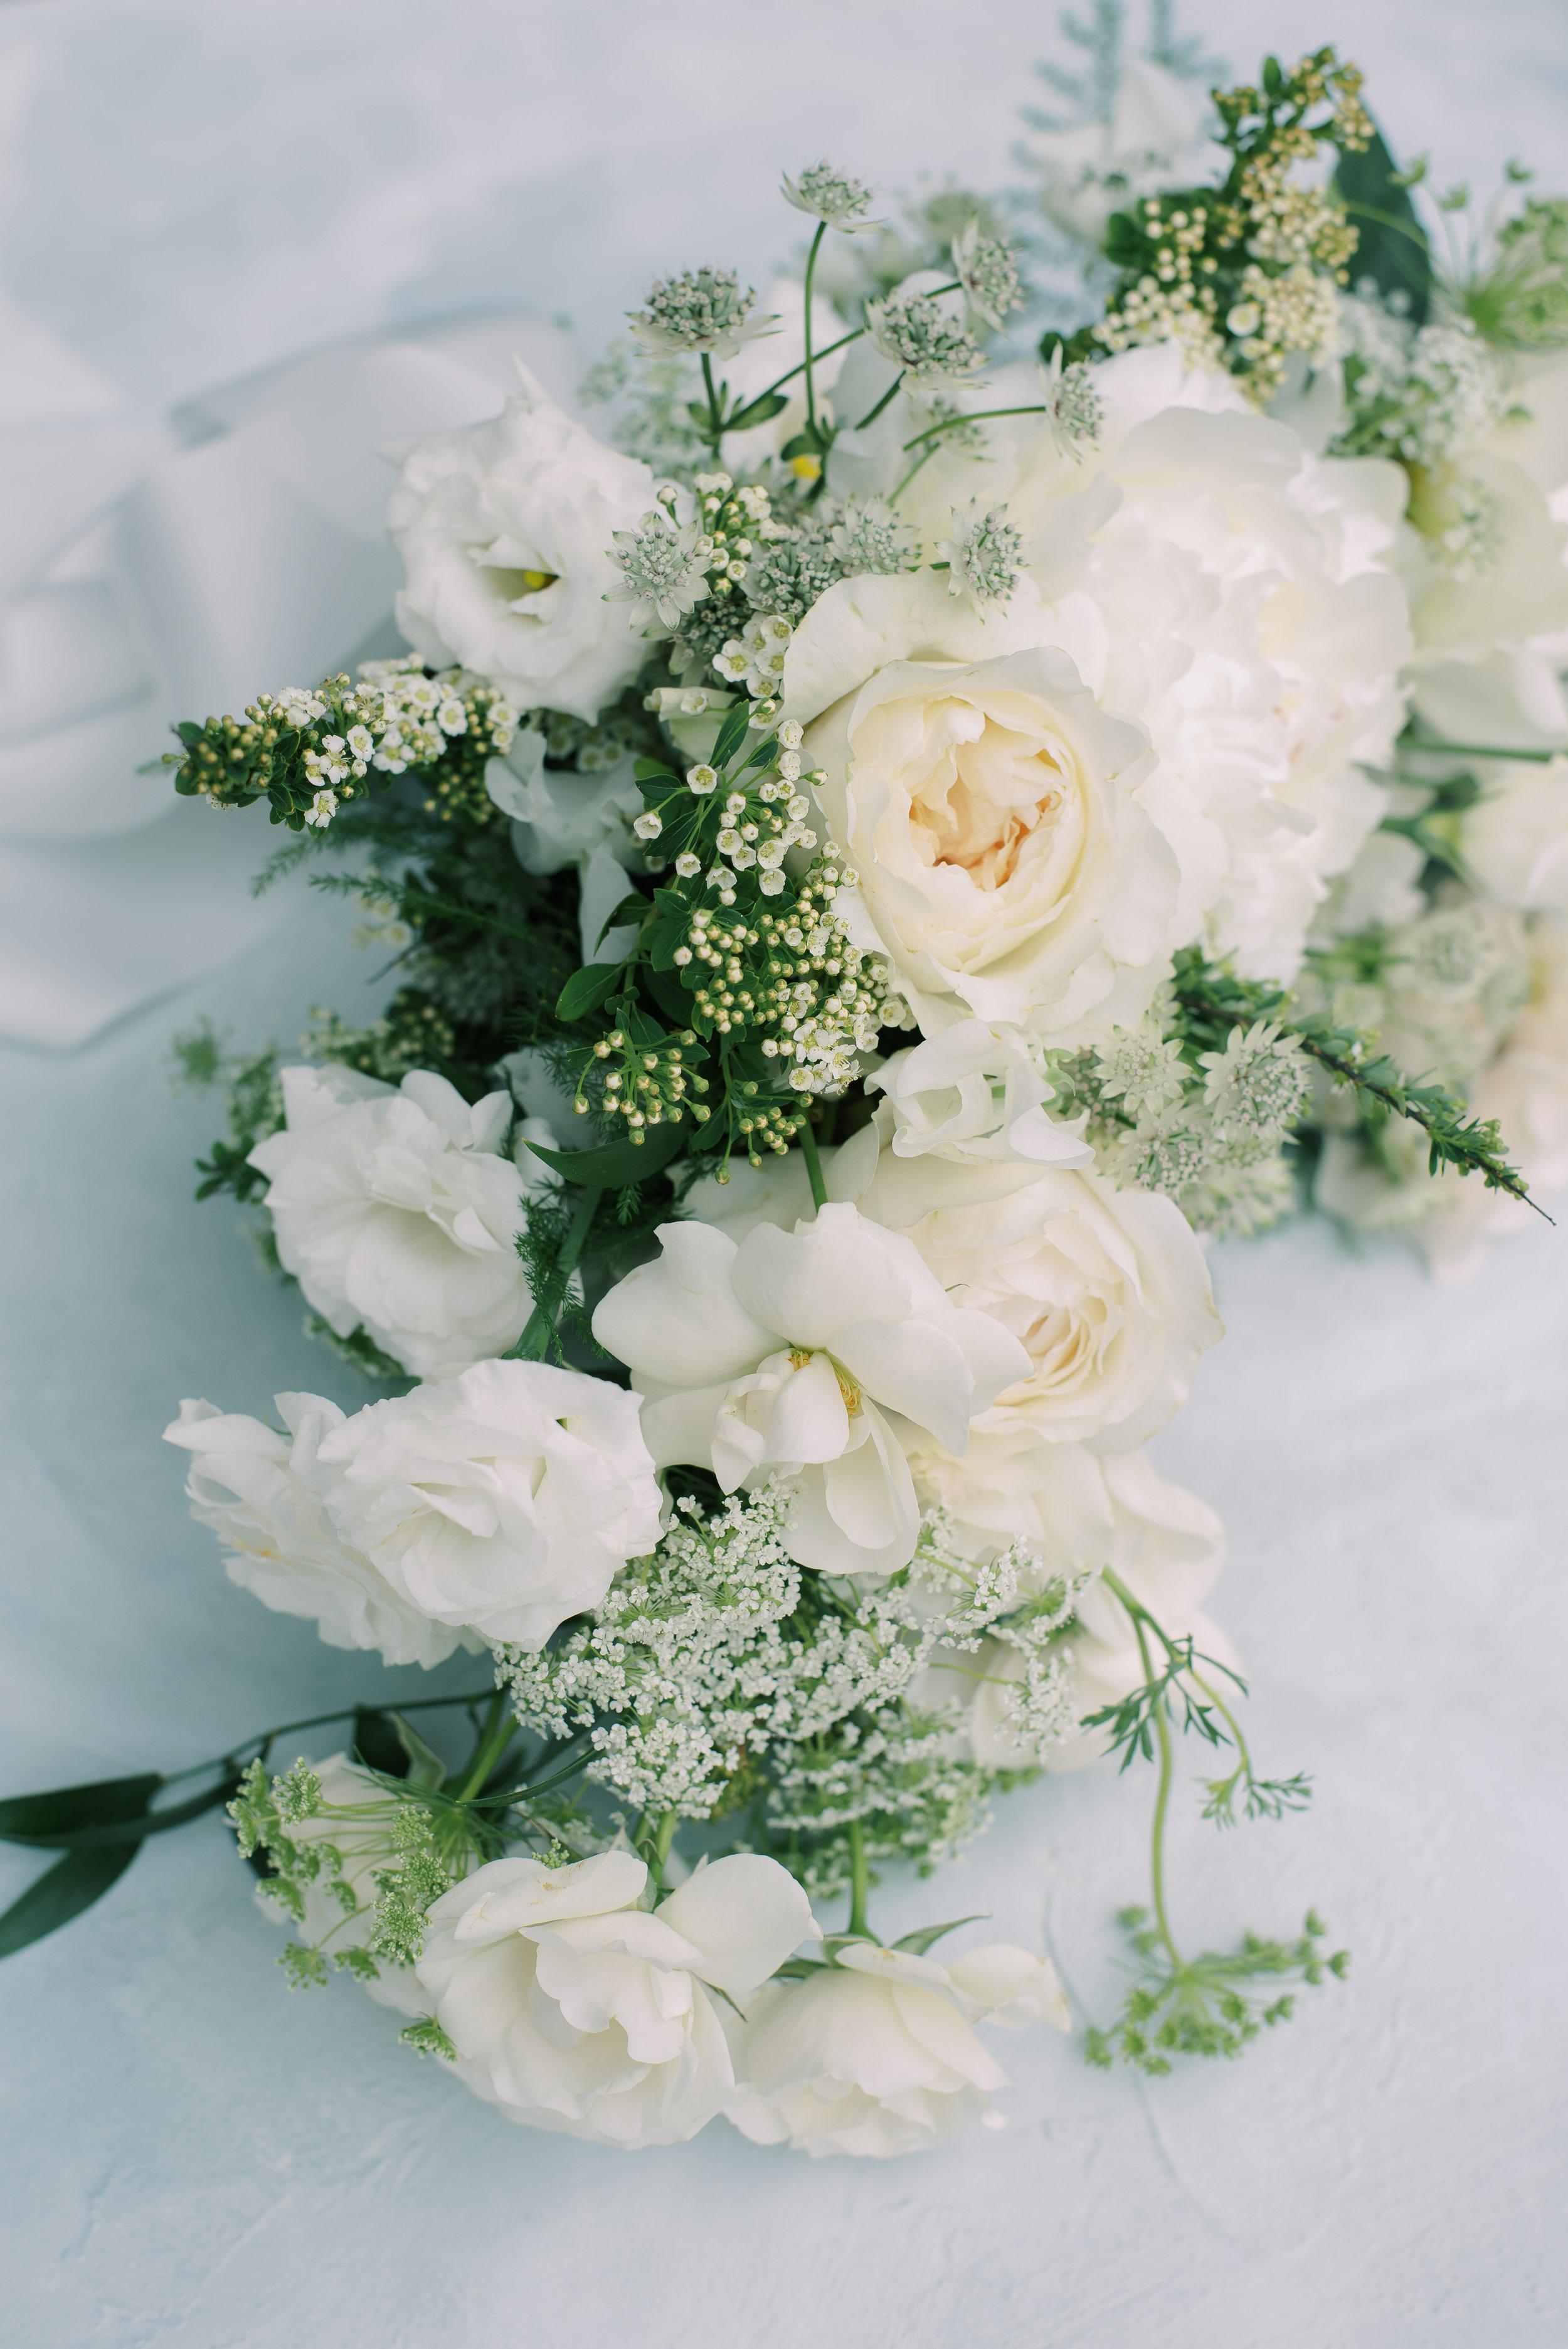 roots-floral-design-cincinnati-branding-photographer-laura-katie-photography-27.jpg